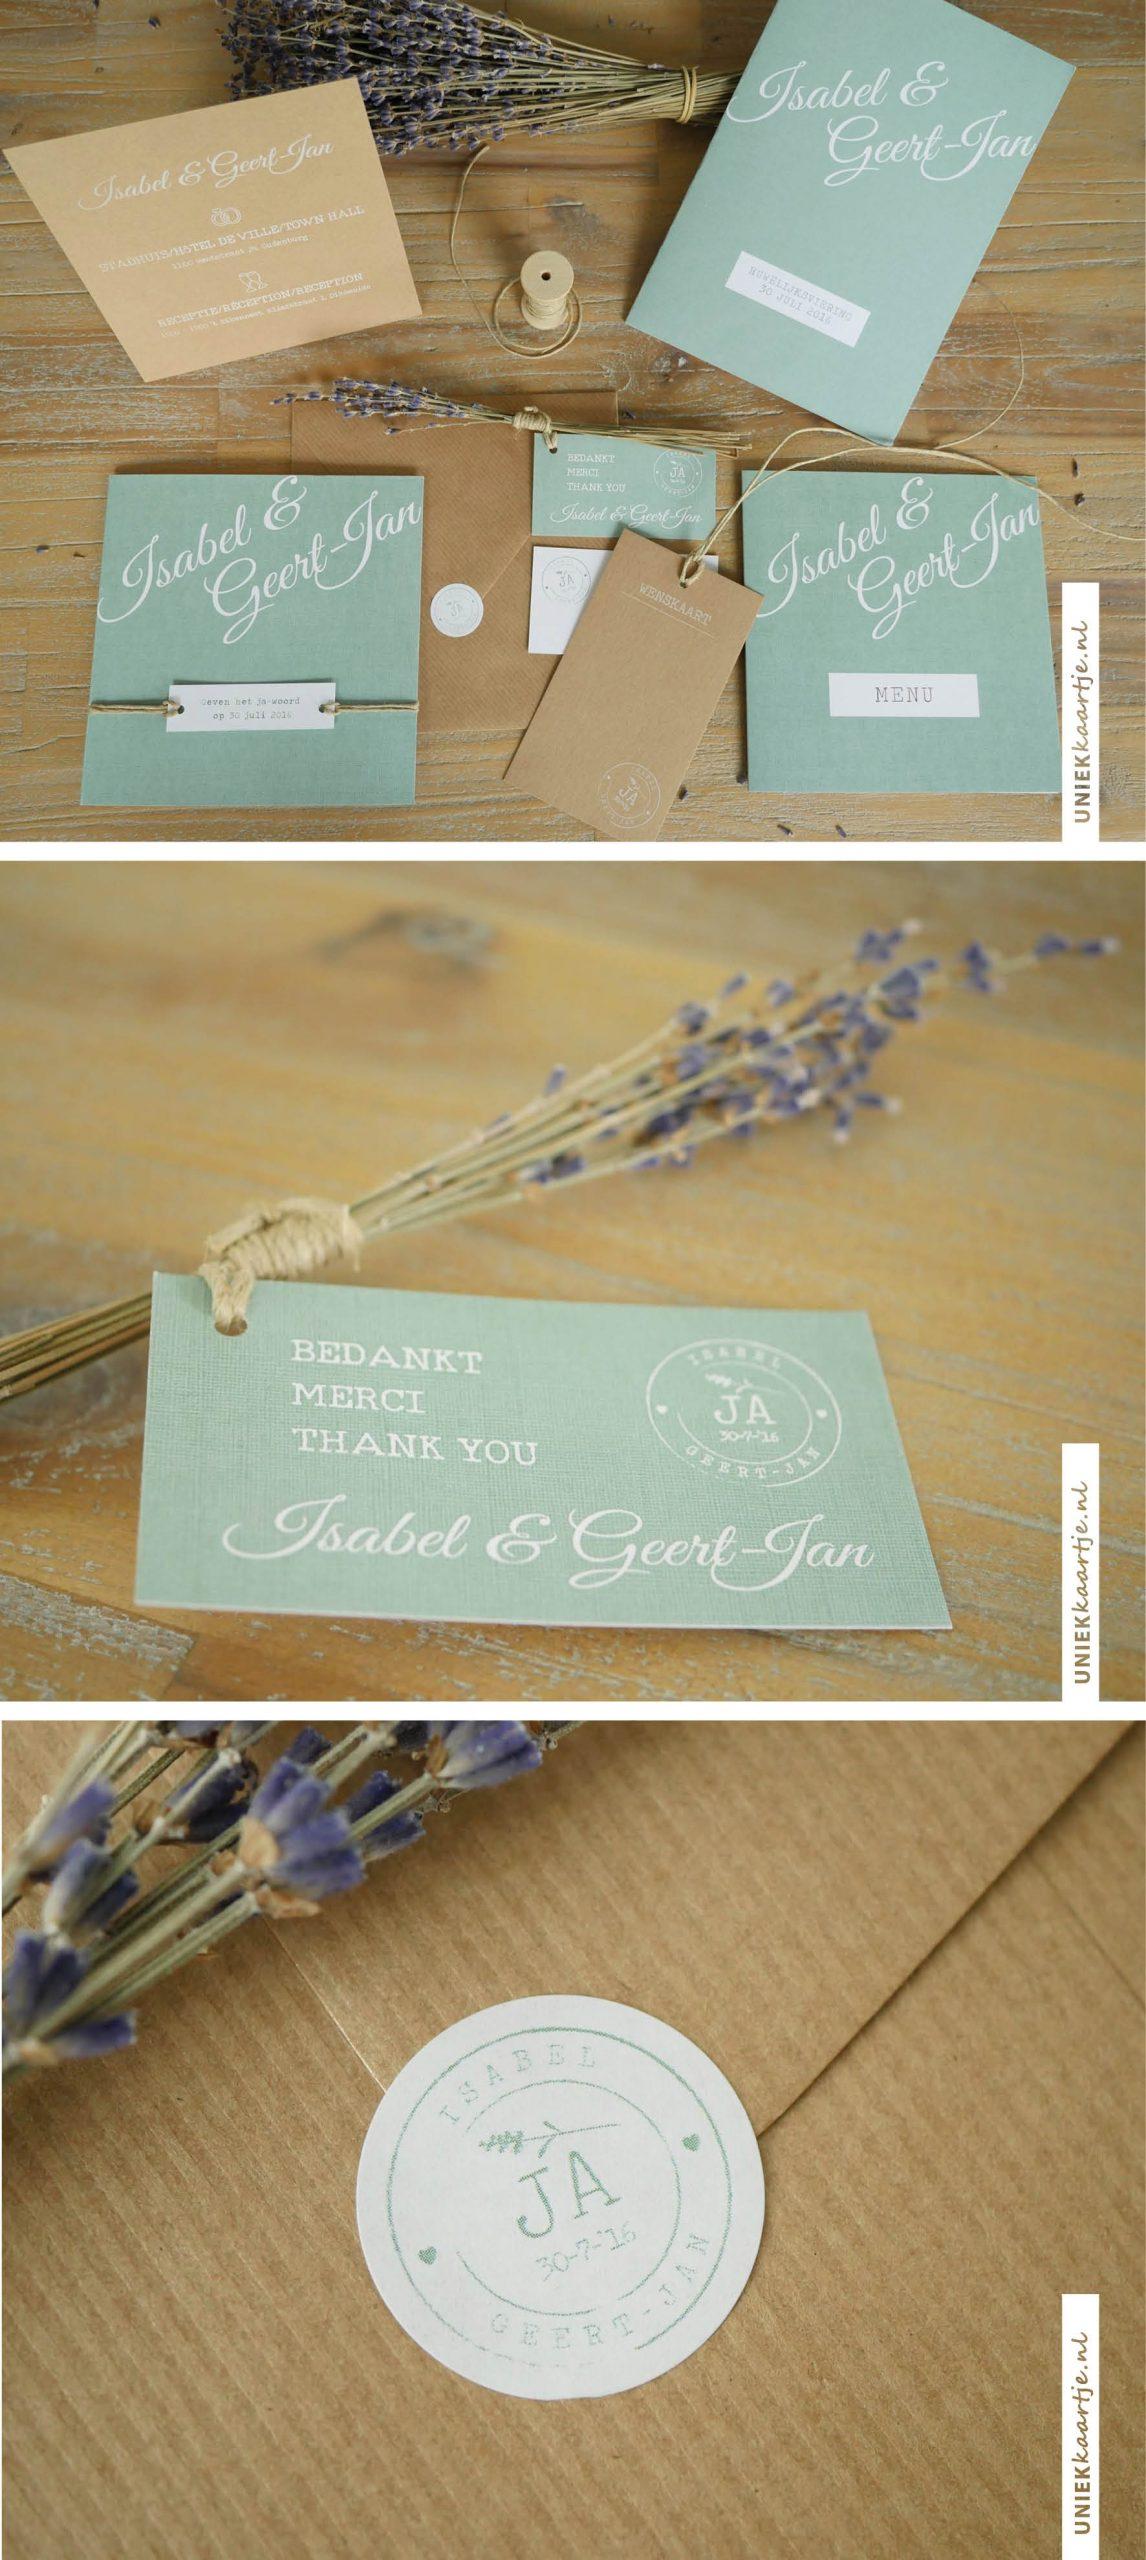 Wat een sfeervol #drukwerk mocht ik ontwerpen voor de #bruiloft van Isabel en Geert-Jan. Een mooie match tussen #kraft en #oudgroen #linnen. Het thema van hun bruioft: #lavendel